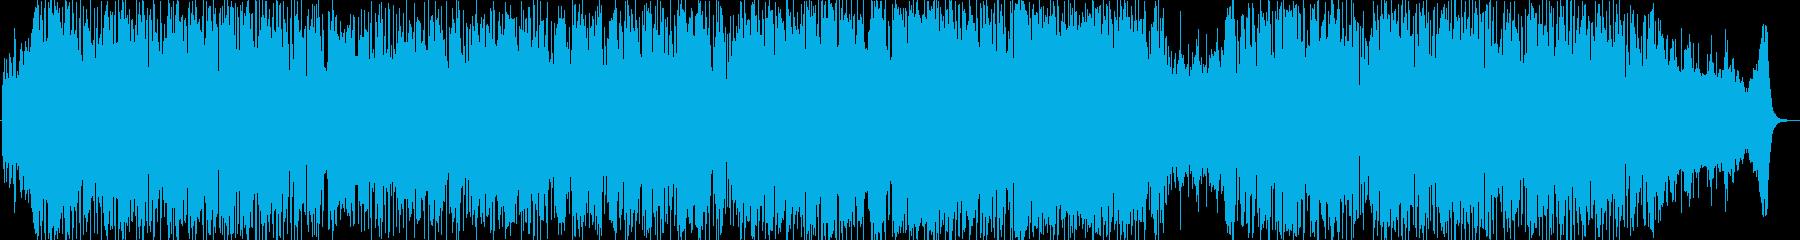 【生演奏】勇者の戦い/疾走/弦楽バンド曲の再生済みの波形